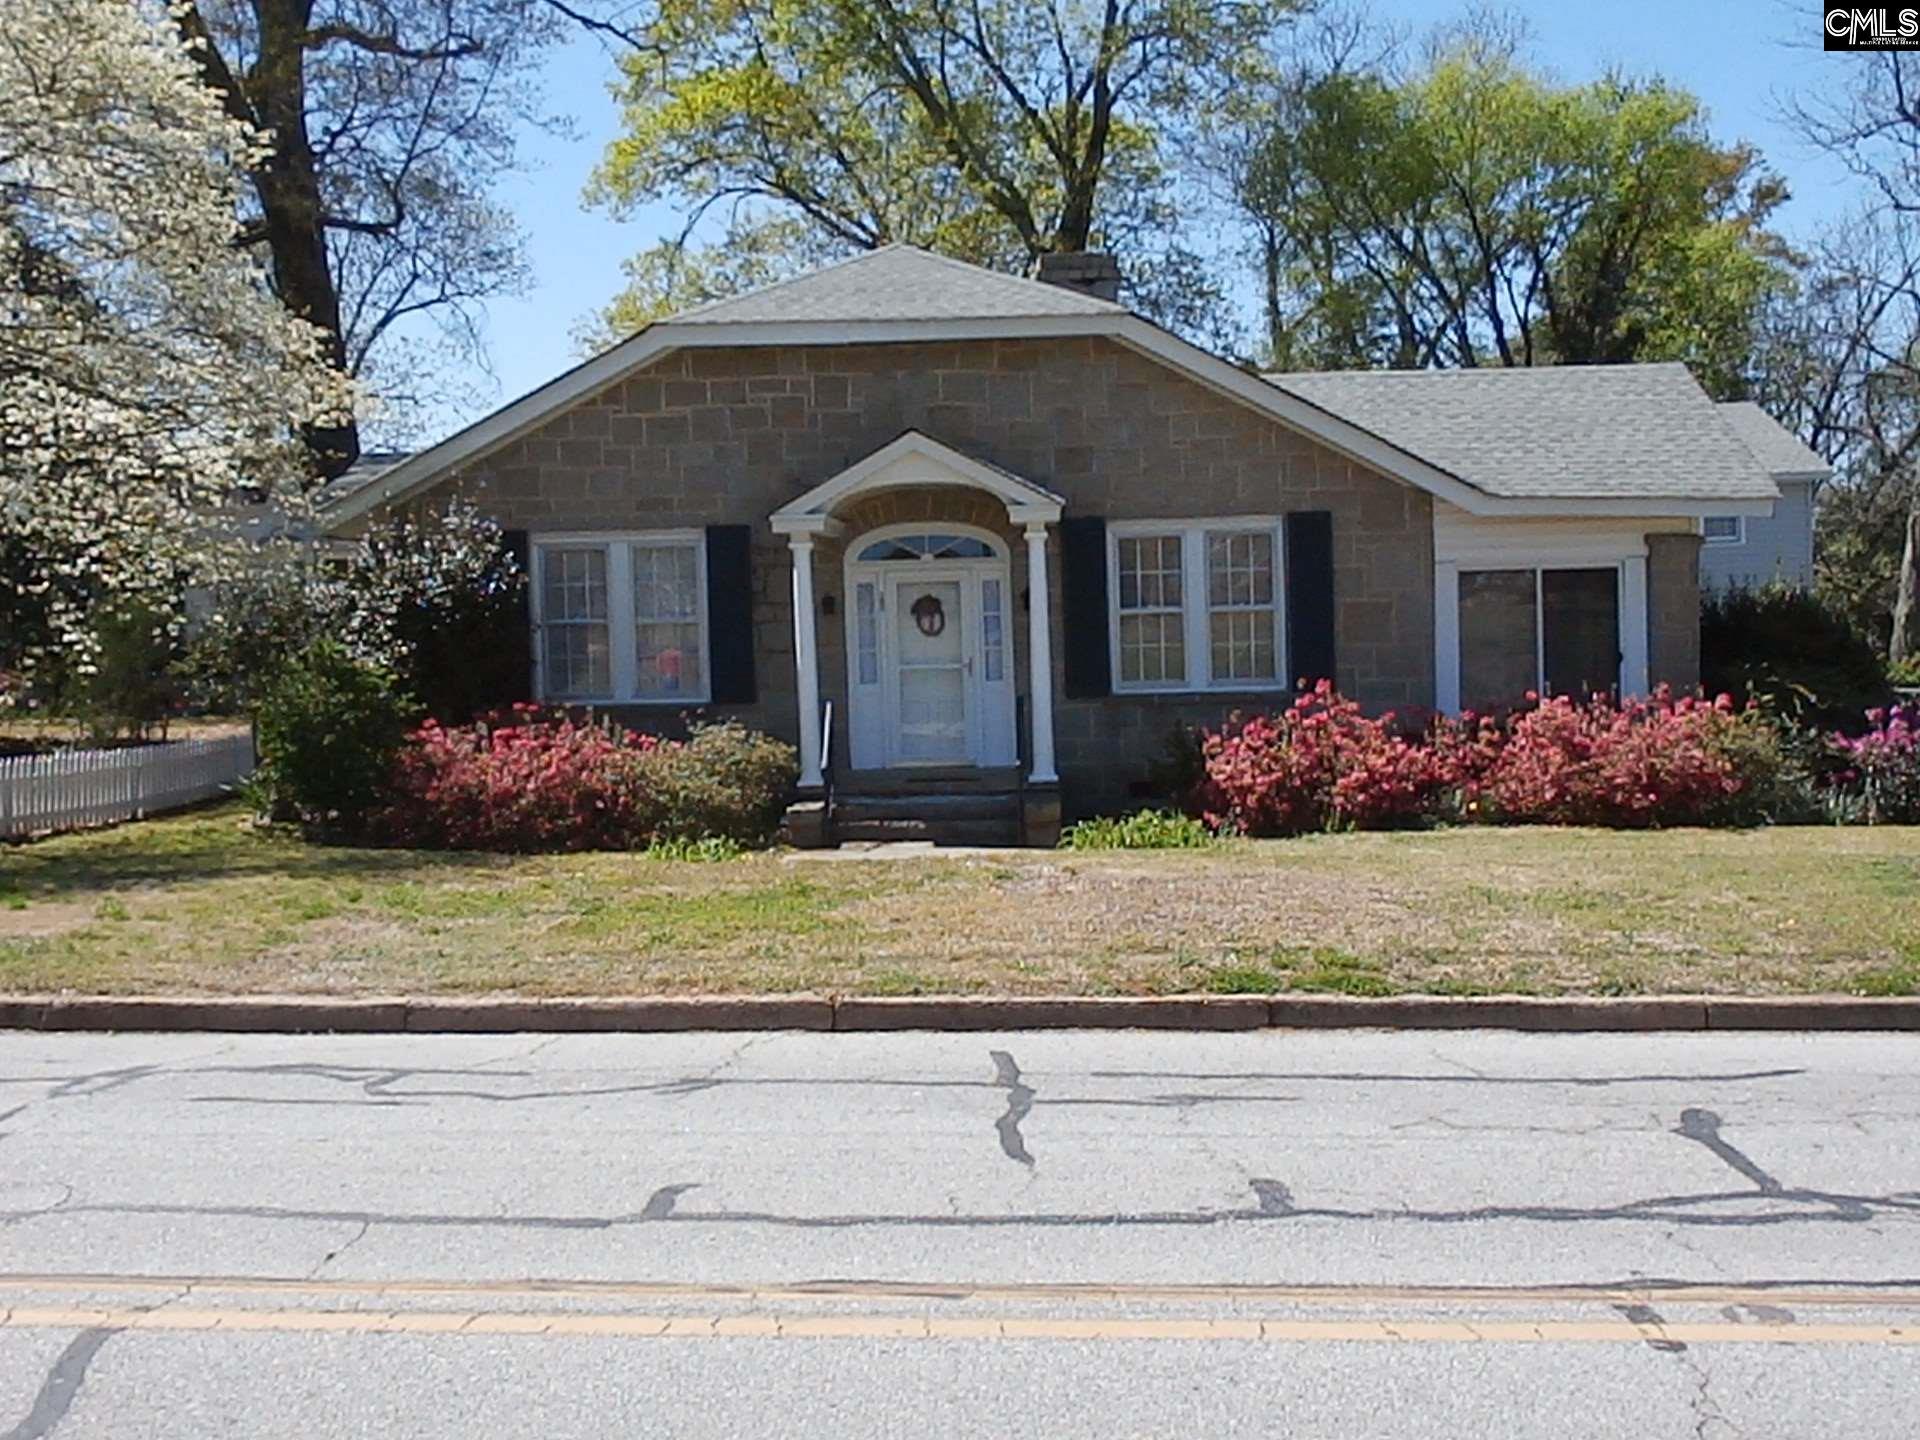 205 N Zion Winnsboro, SC 29180